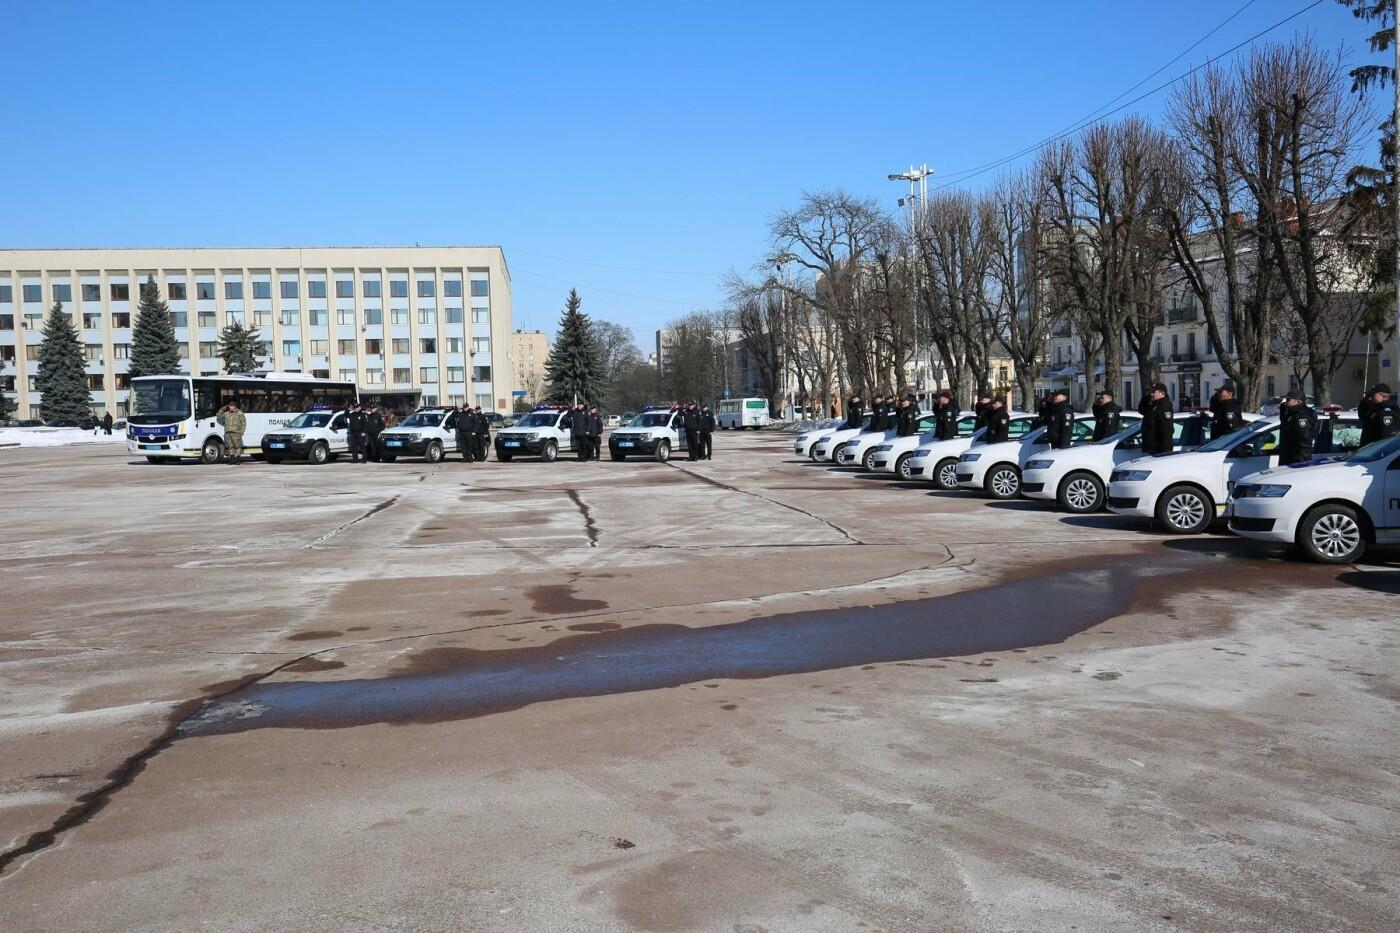 Поліції Хмельниччини подарували 18 автомобілів. ФОТО, фото-3